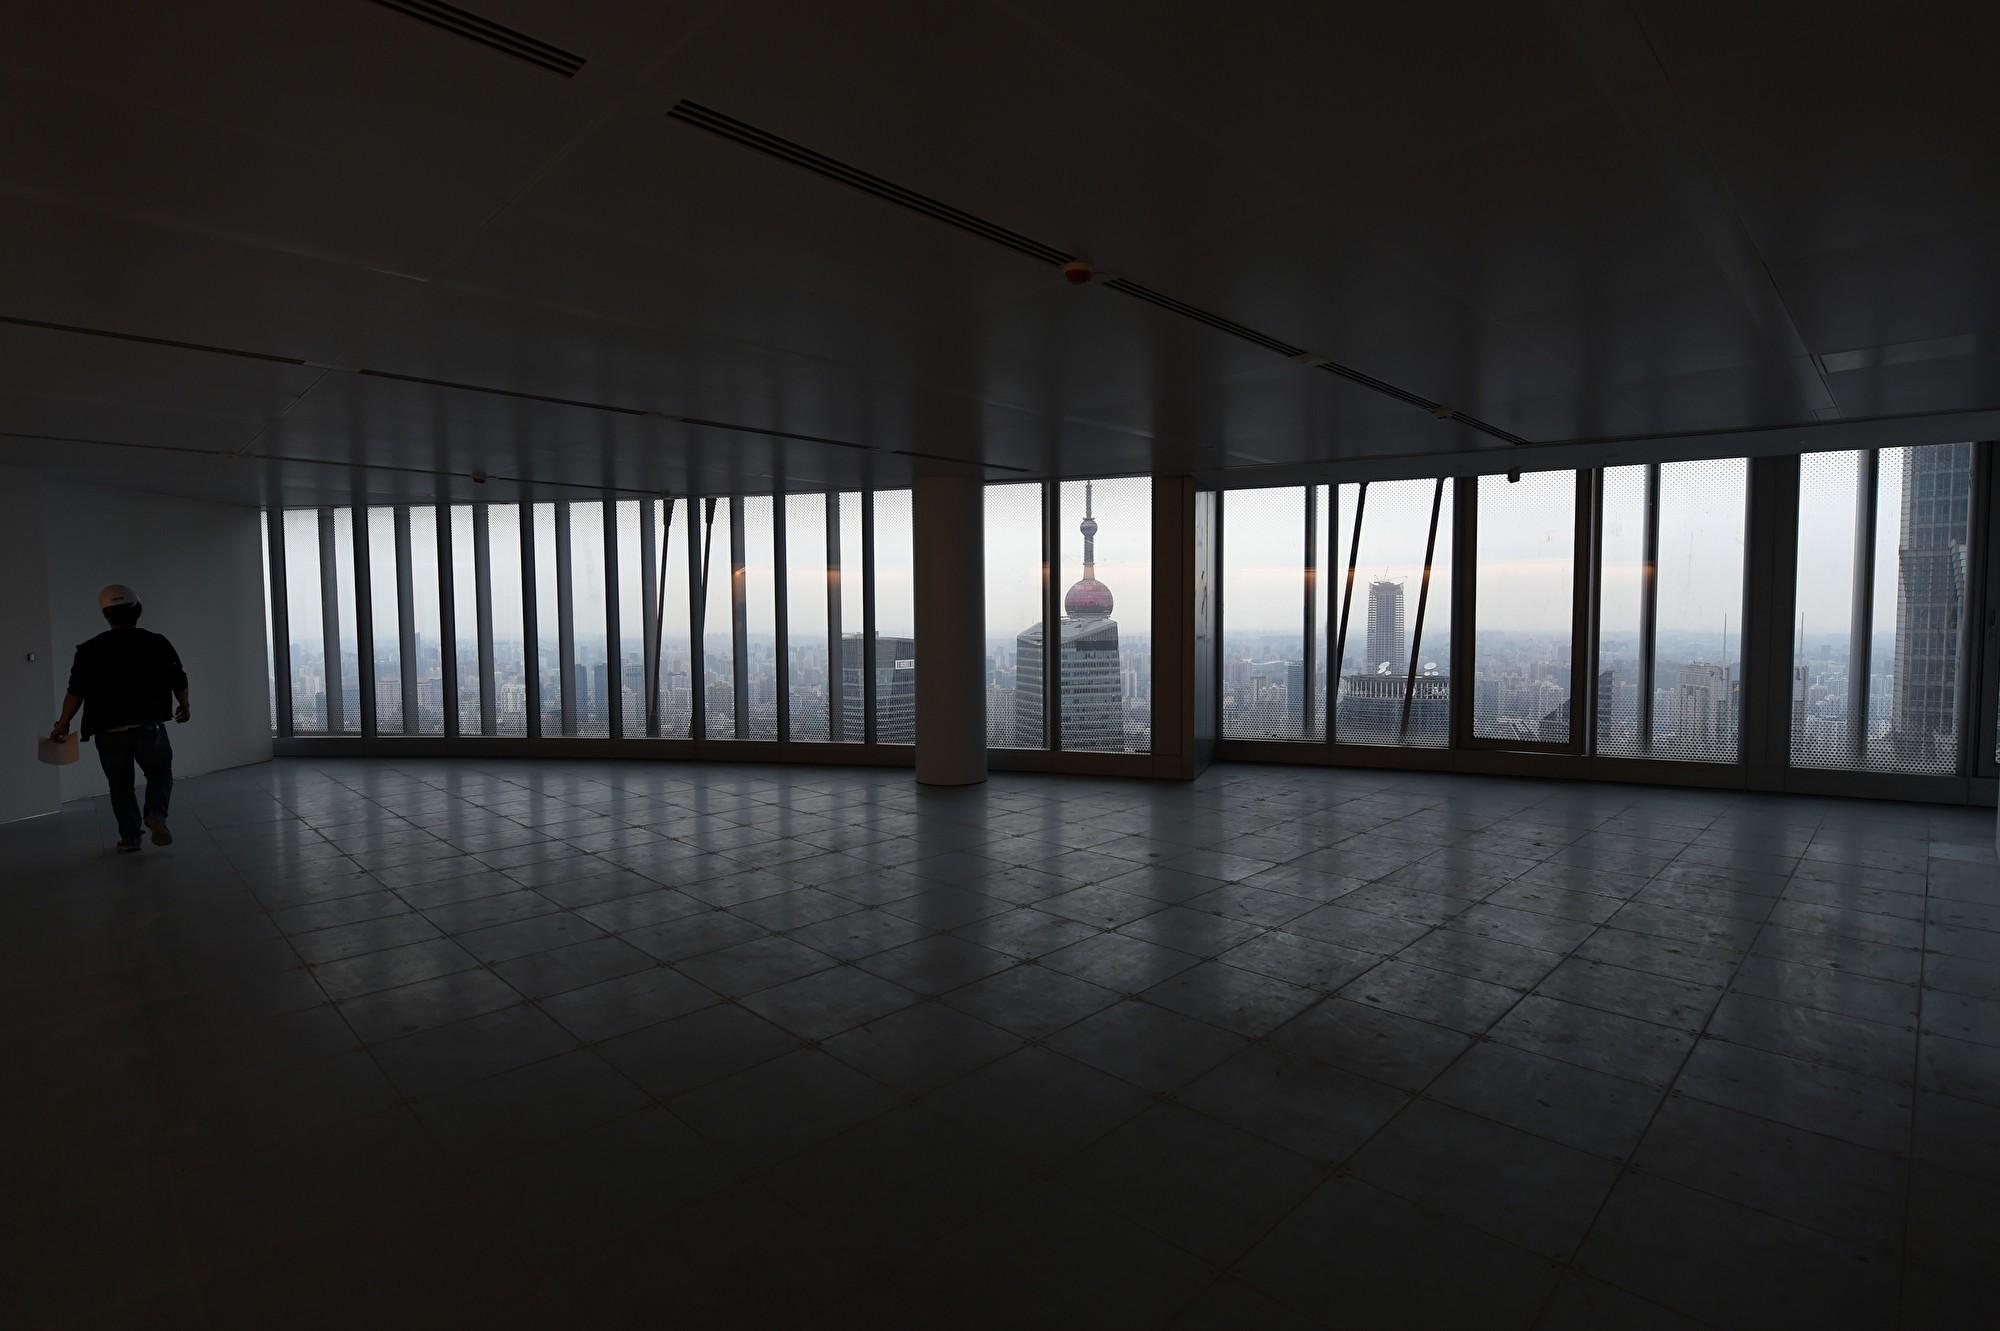 中國主要城市寫字樓空置率驚人 近乎鬼城